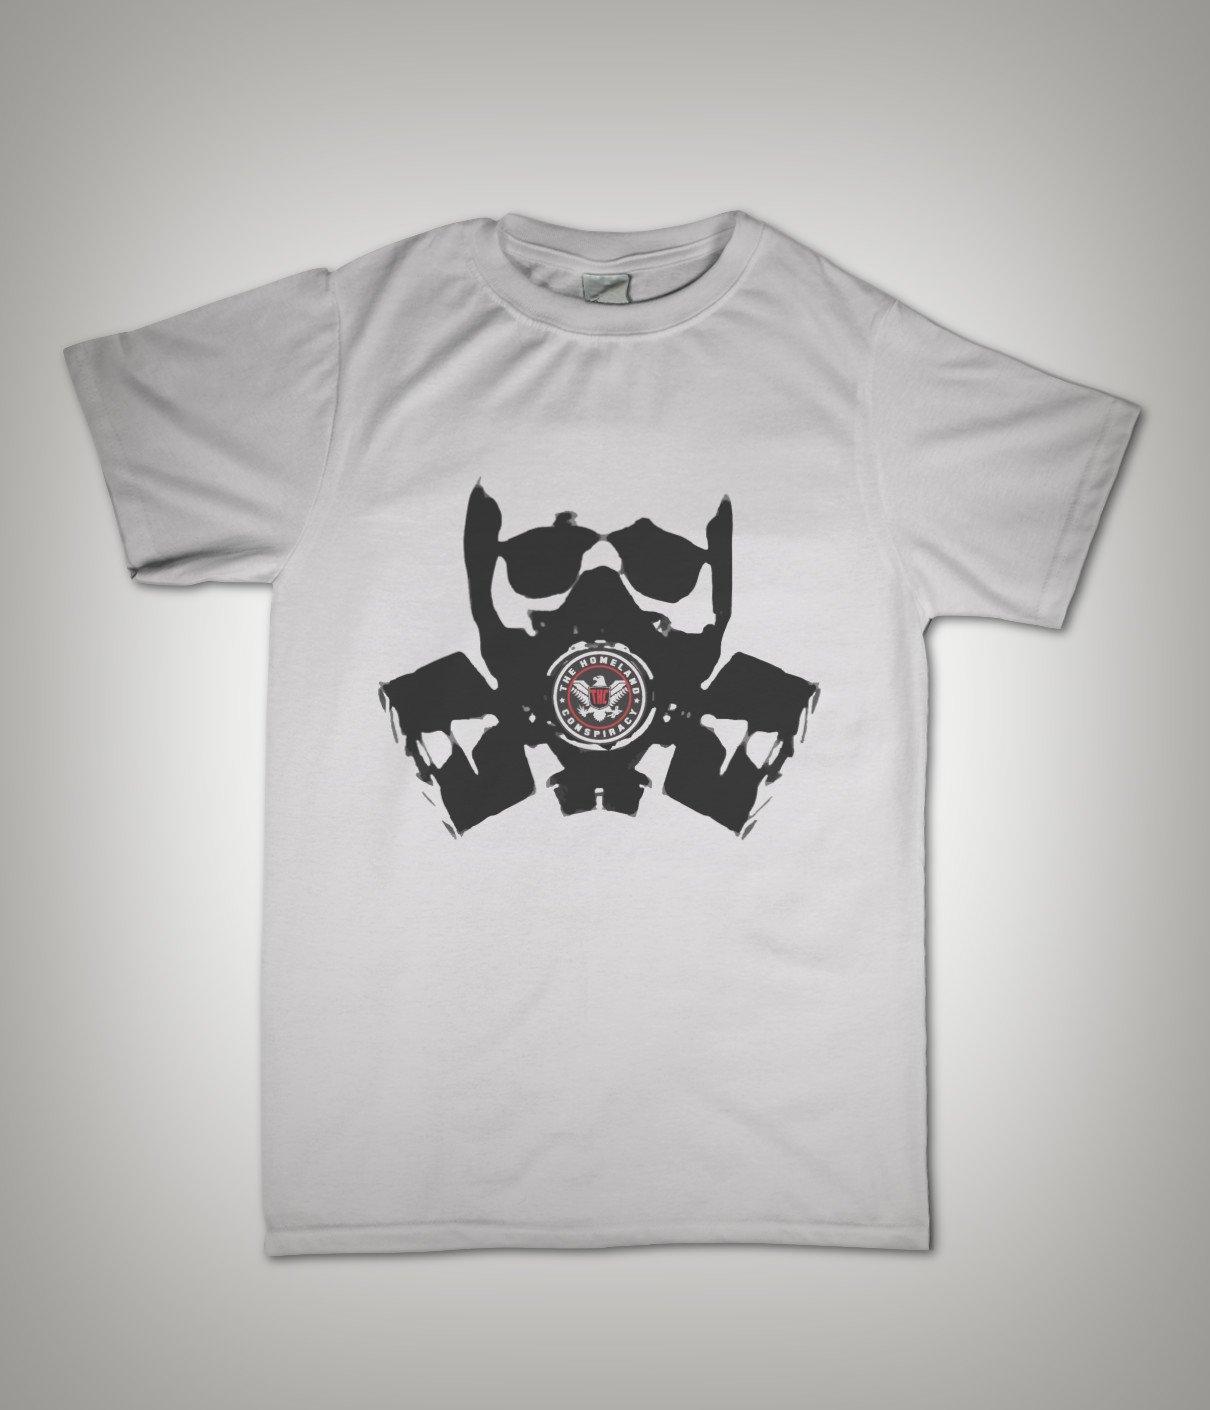 Image of T-Shirt - Skull design